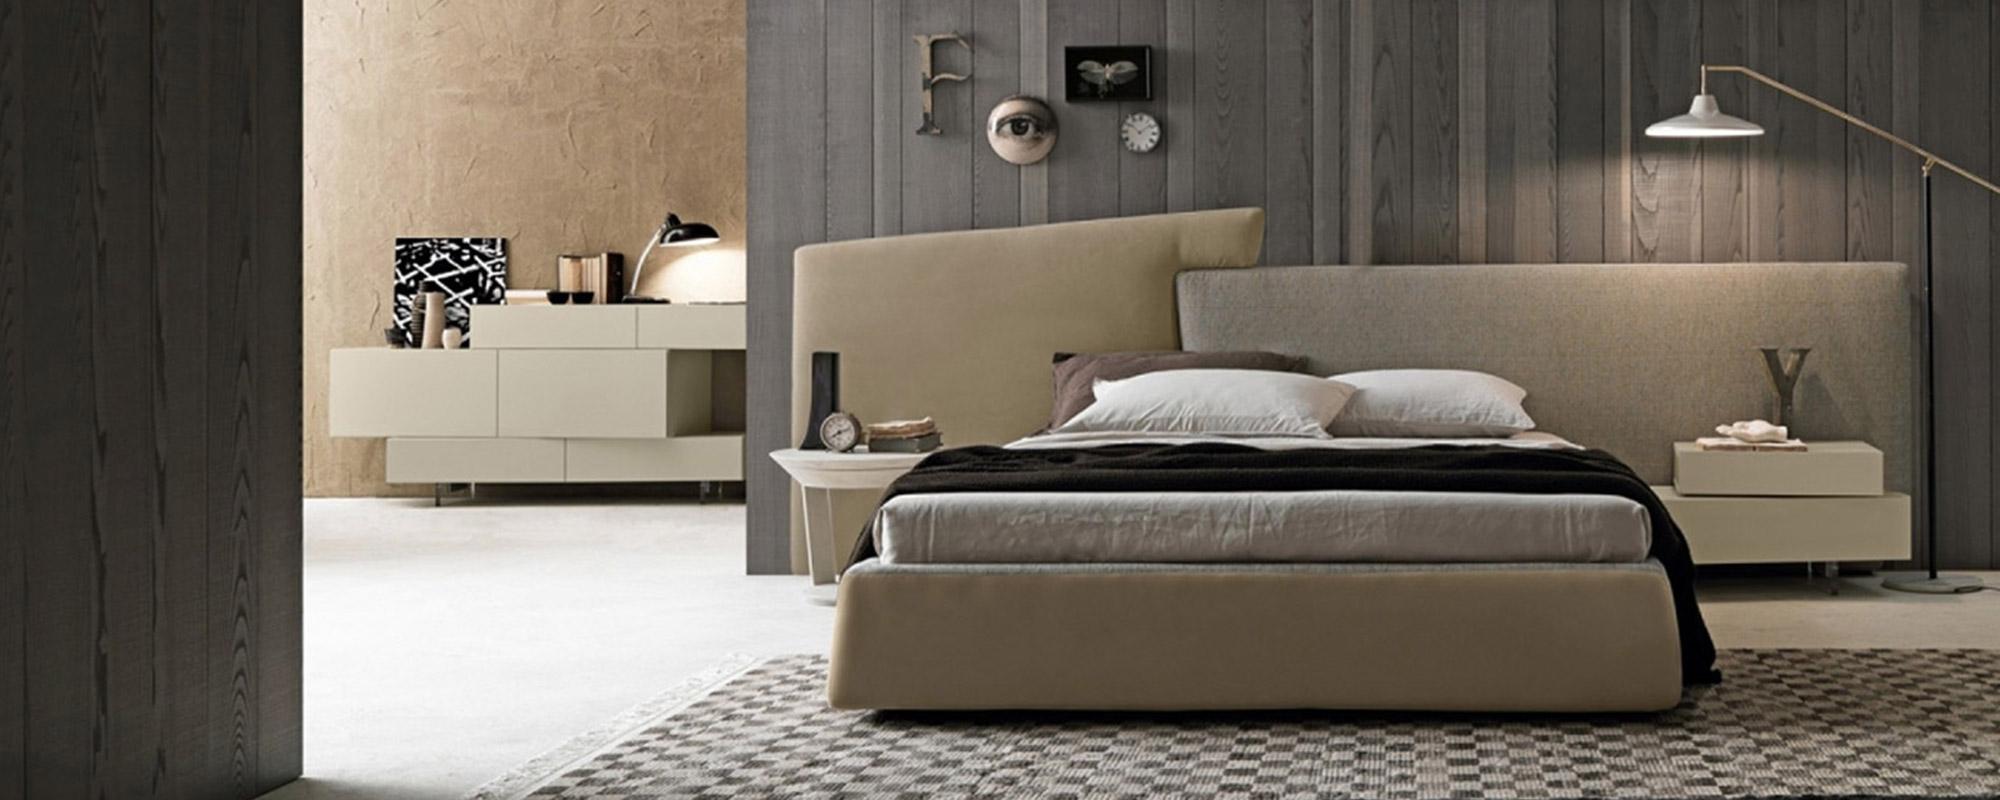 Camera da letto andrea sanseverinati arredamenti - Camera da letto in inglese ...